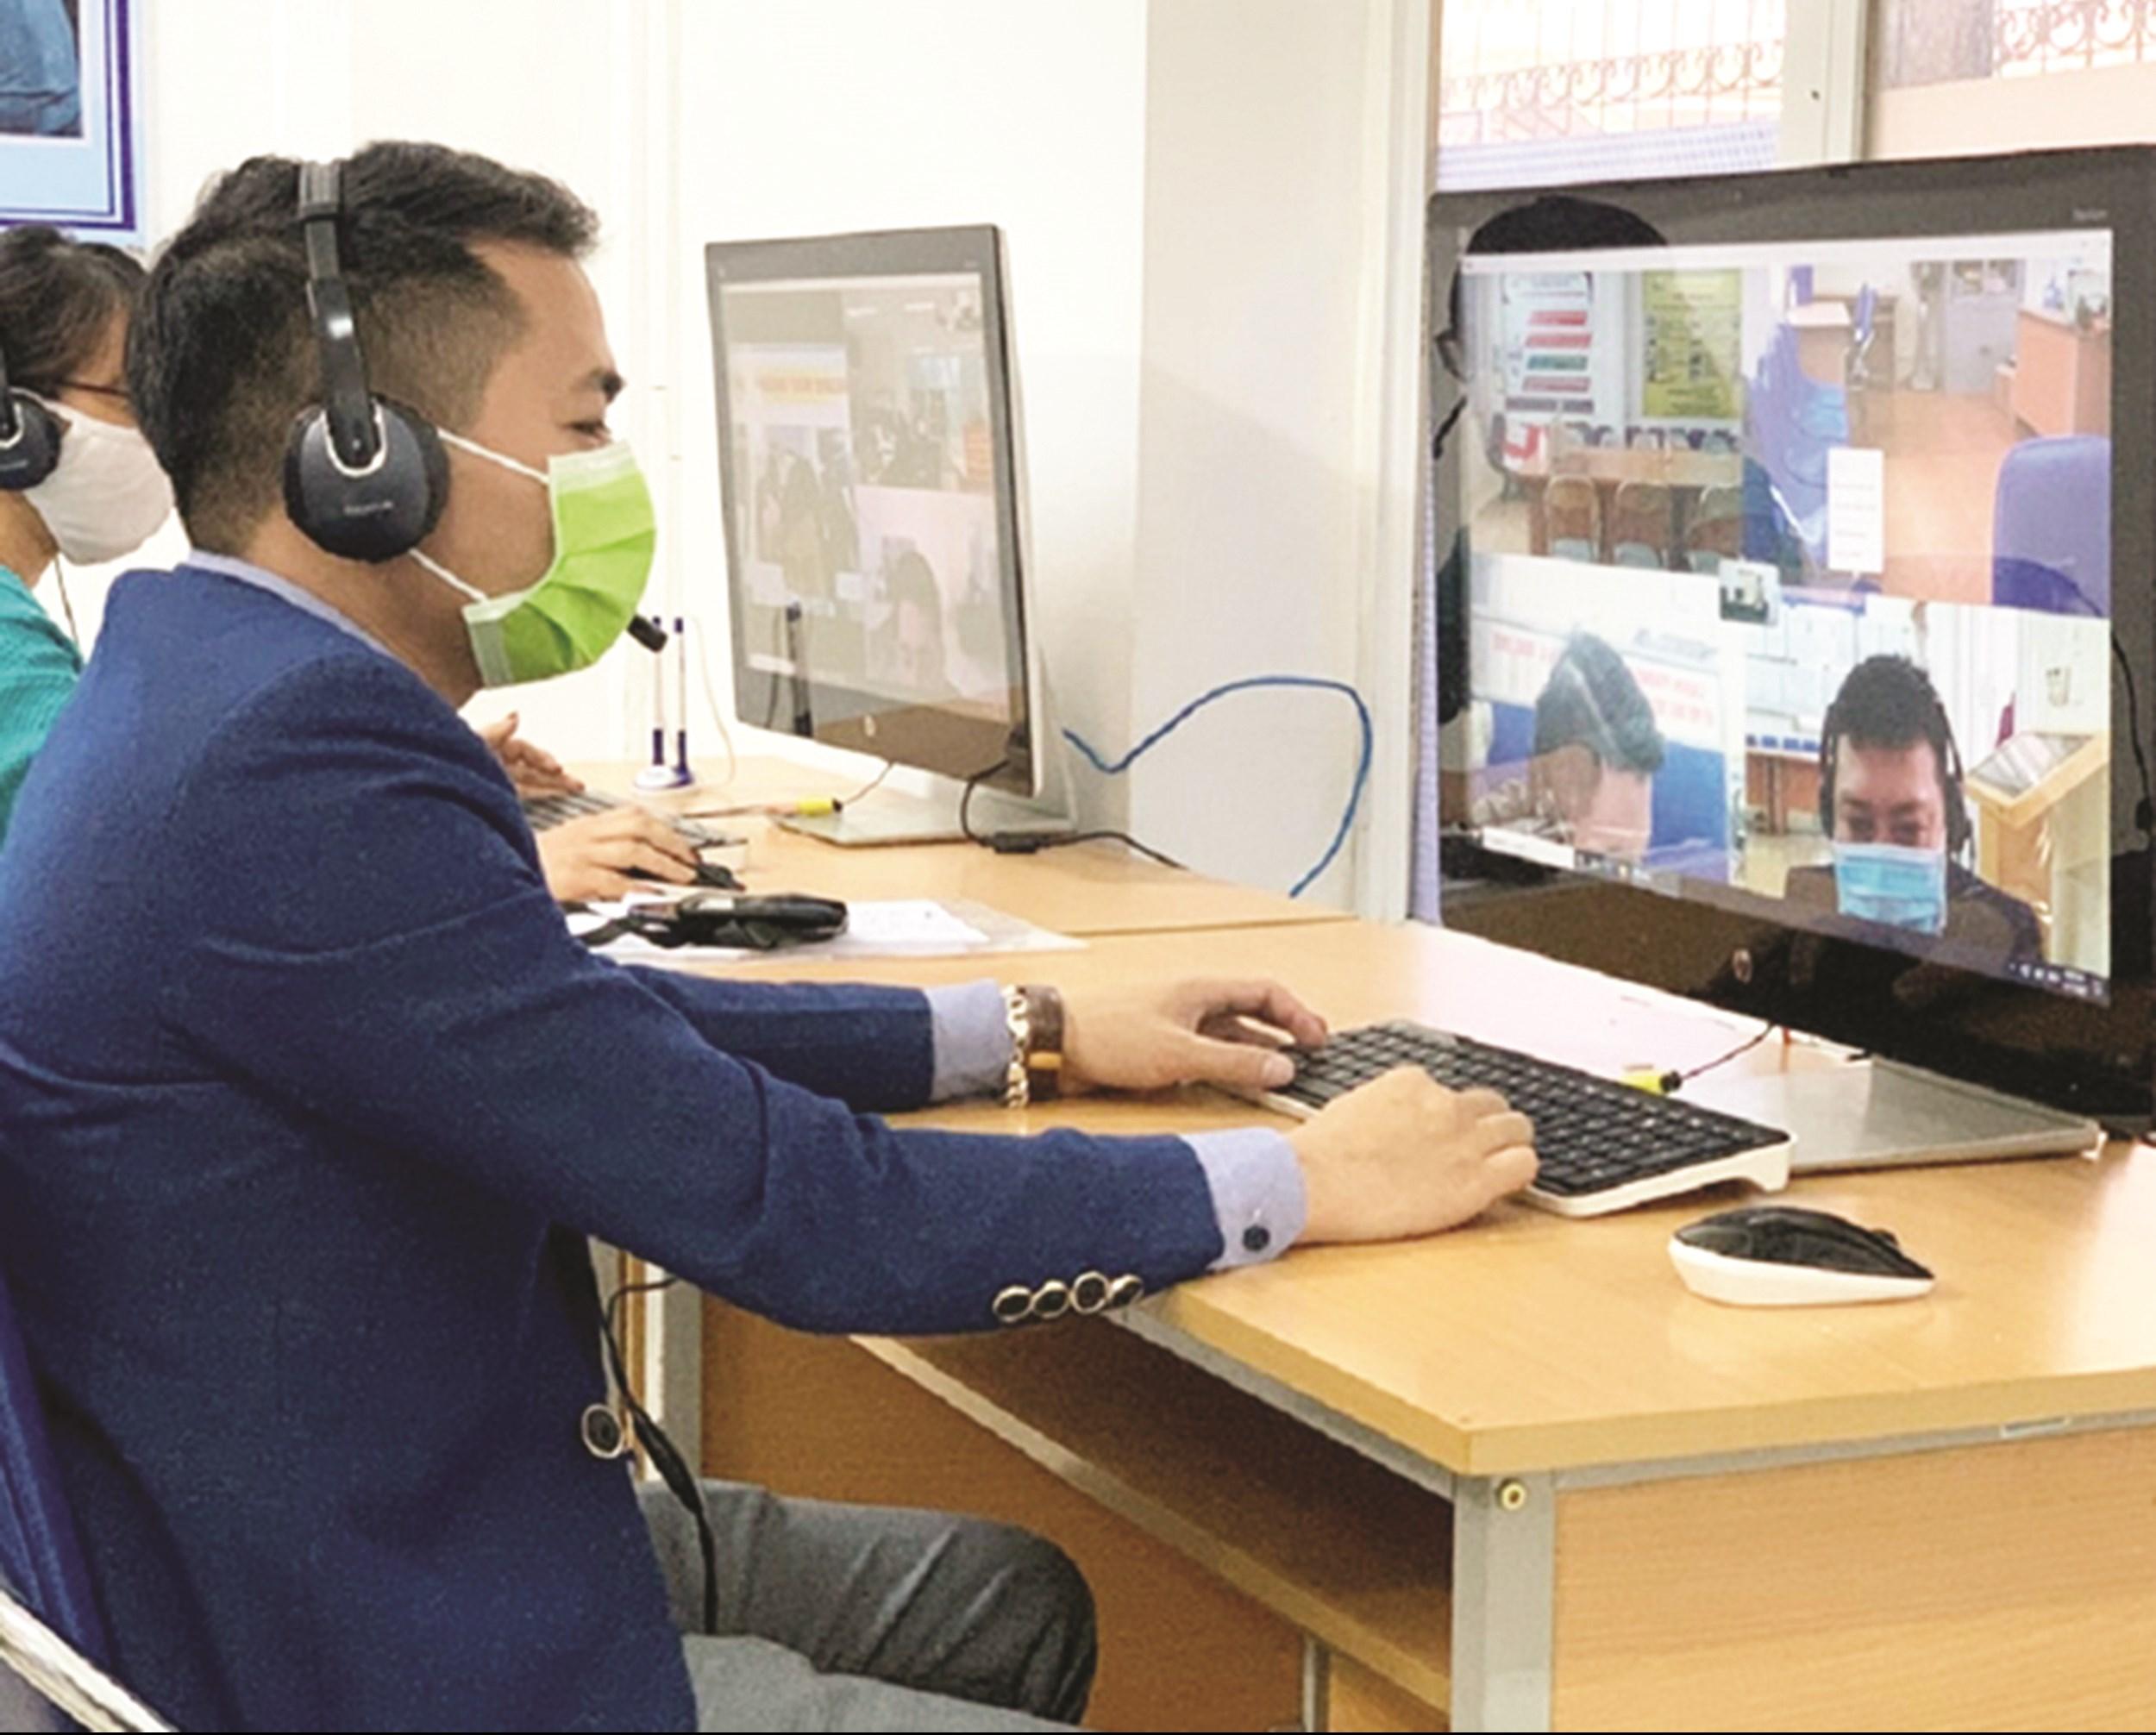 Giao dịch việc làm Online trở thành lựa chọn tối ưu cho người lao động trong bối cảnh hậu dịch Covid- 19.